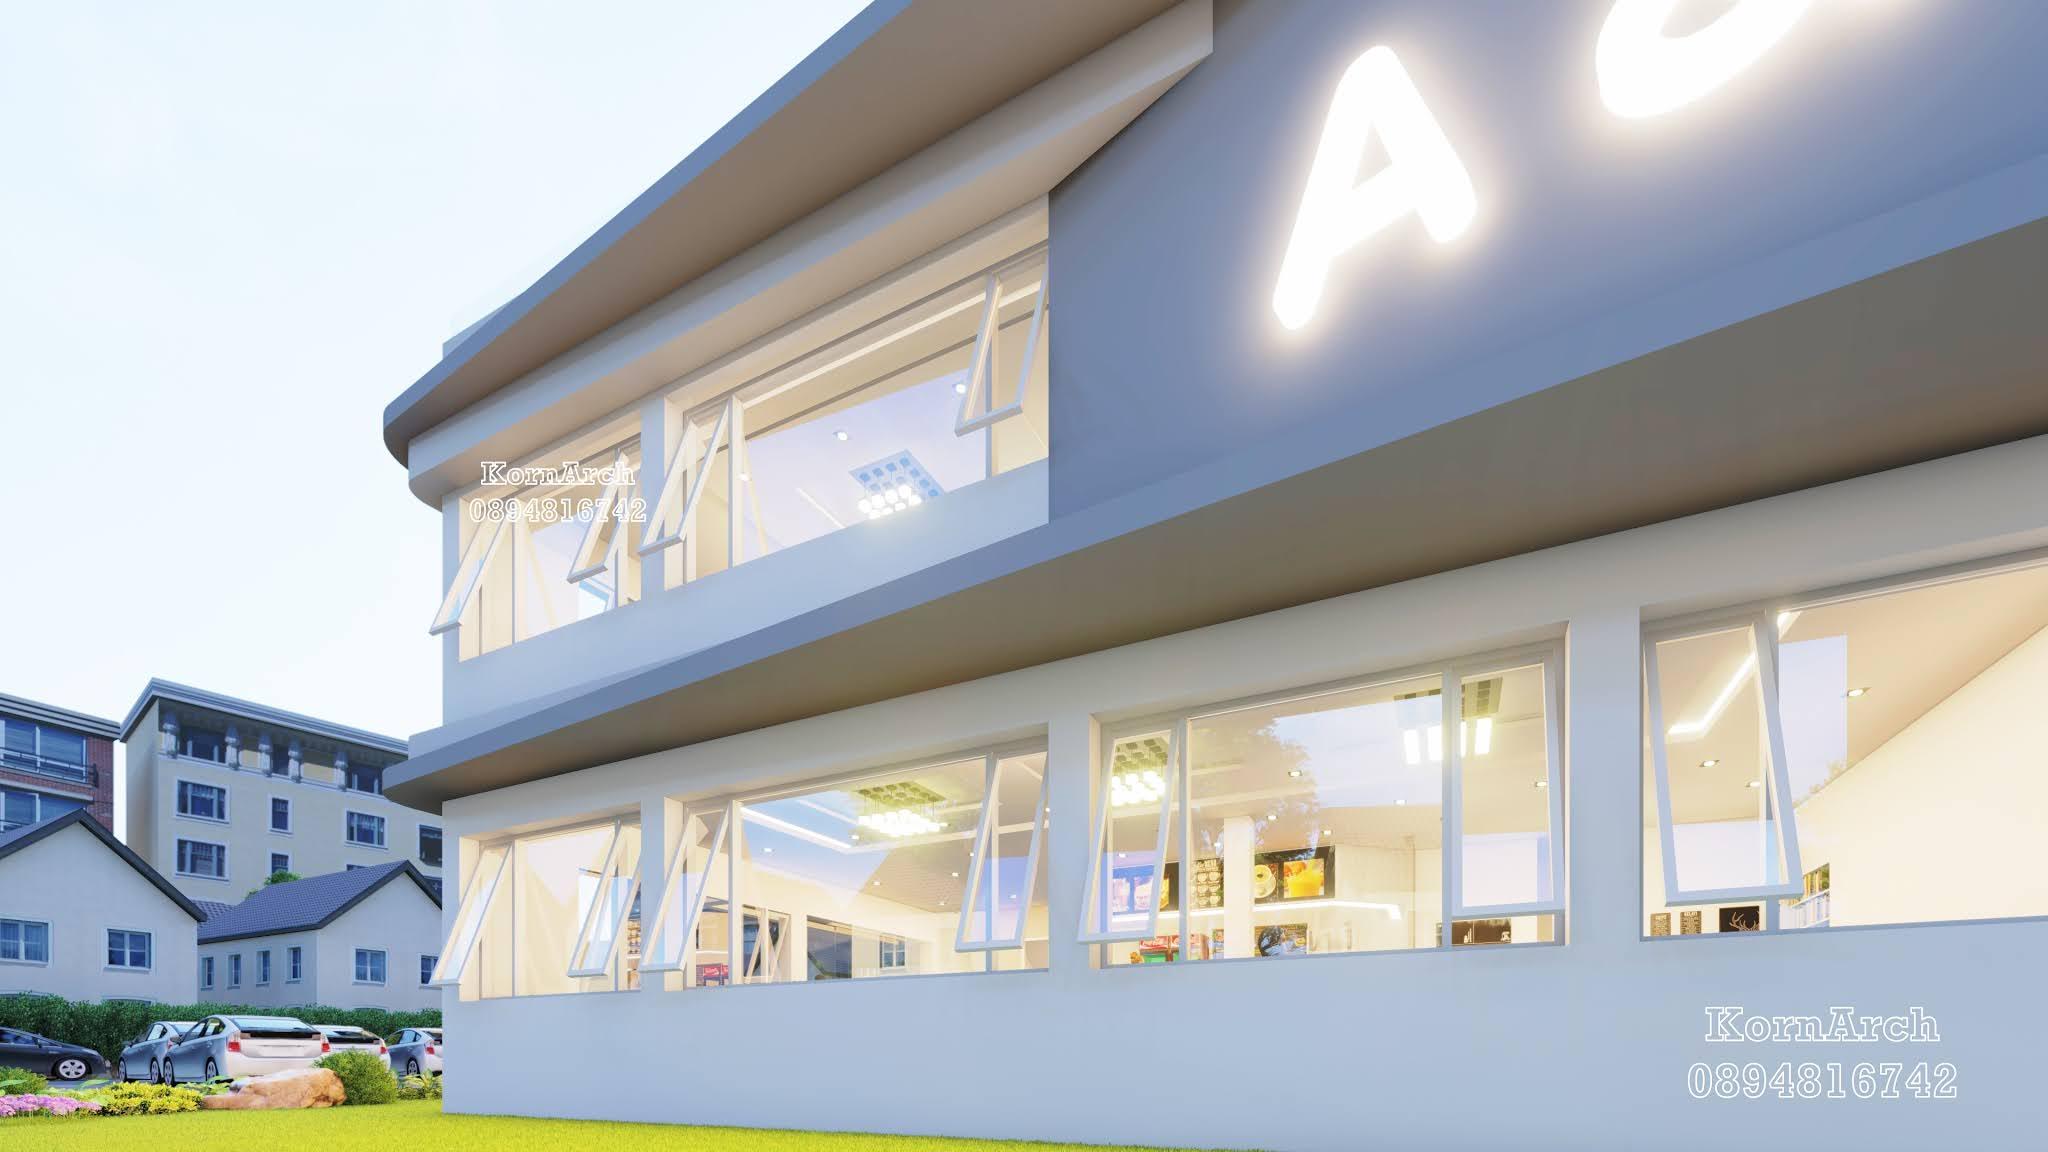 รับออกแบบร้านกาแฟ,ร้านอาหาร3ชั้น  เจ้าของอาคารคุณณิชากร  สถานที่ก่อสร้าง อ.เมือง จังหวัดเชียงราย